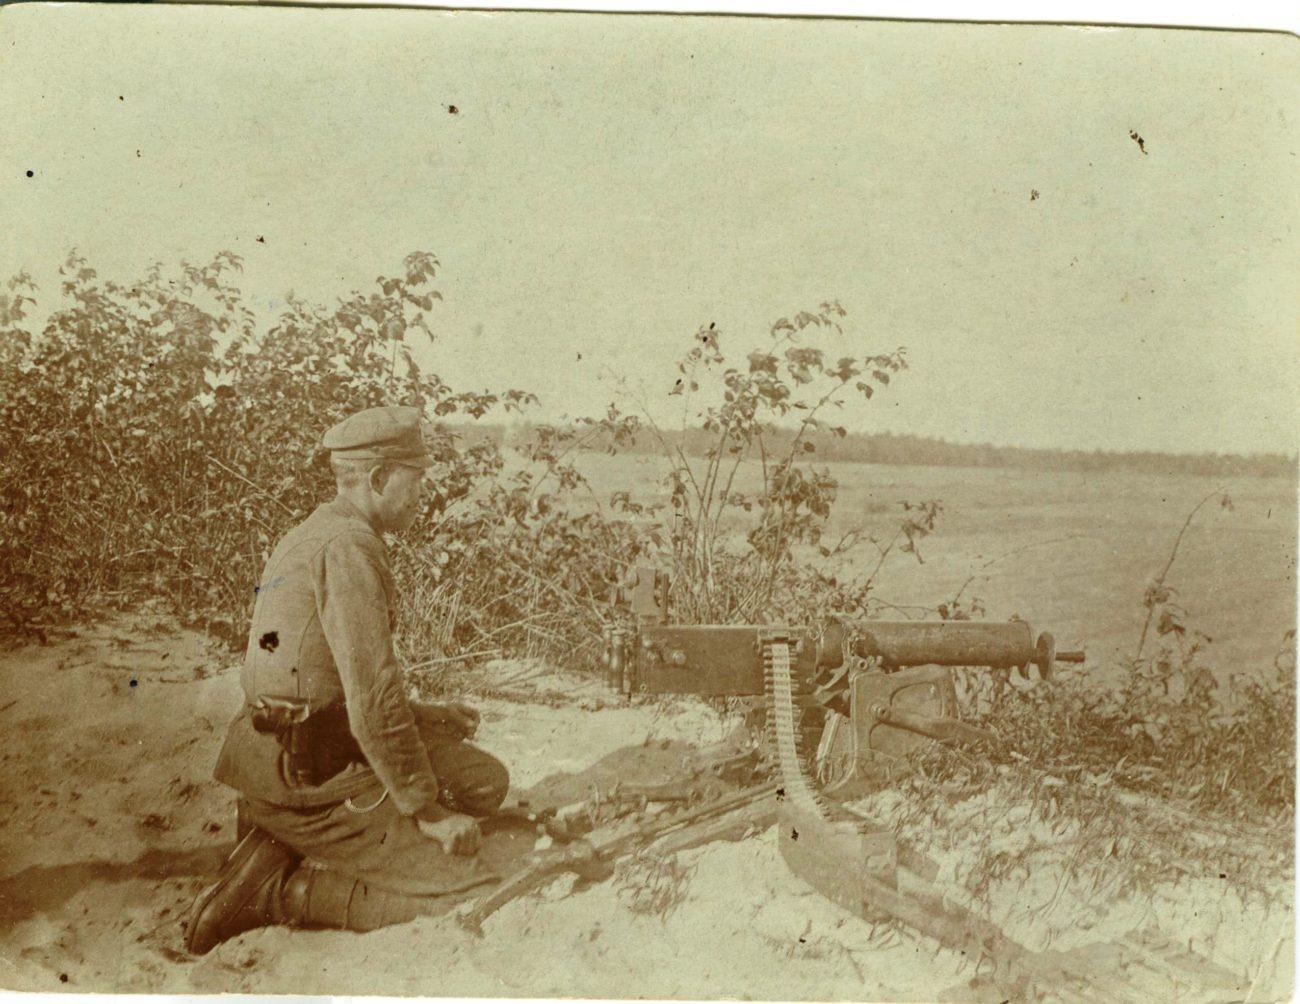 Dzieje 34 pułku piechoty w latach 1919-1939 (cz. 2)